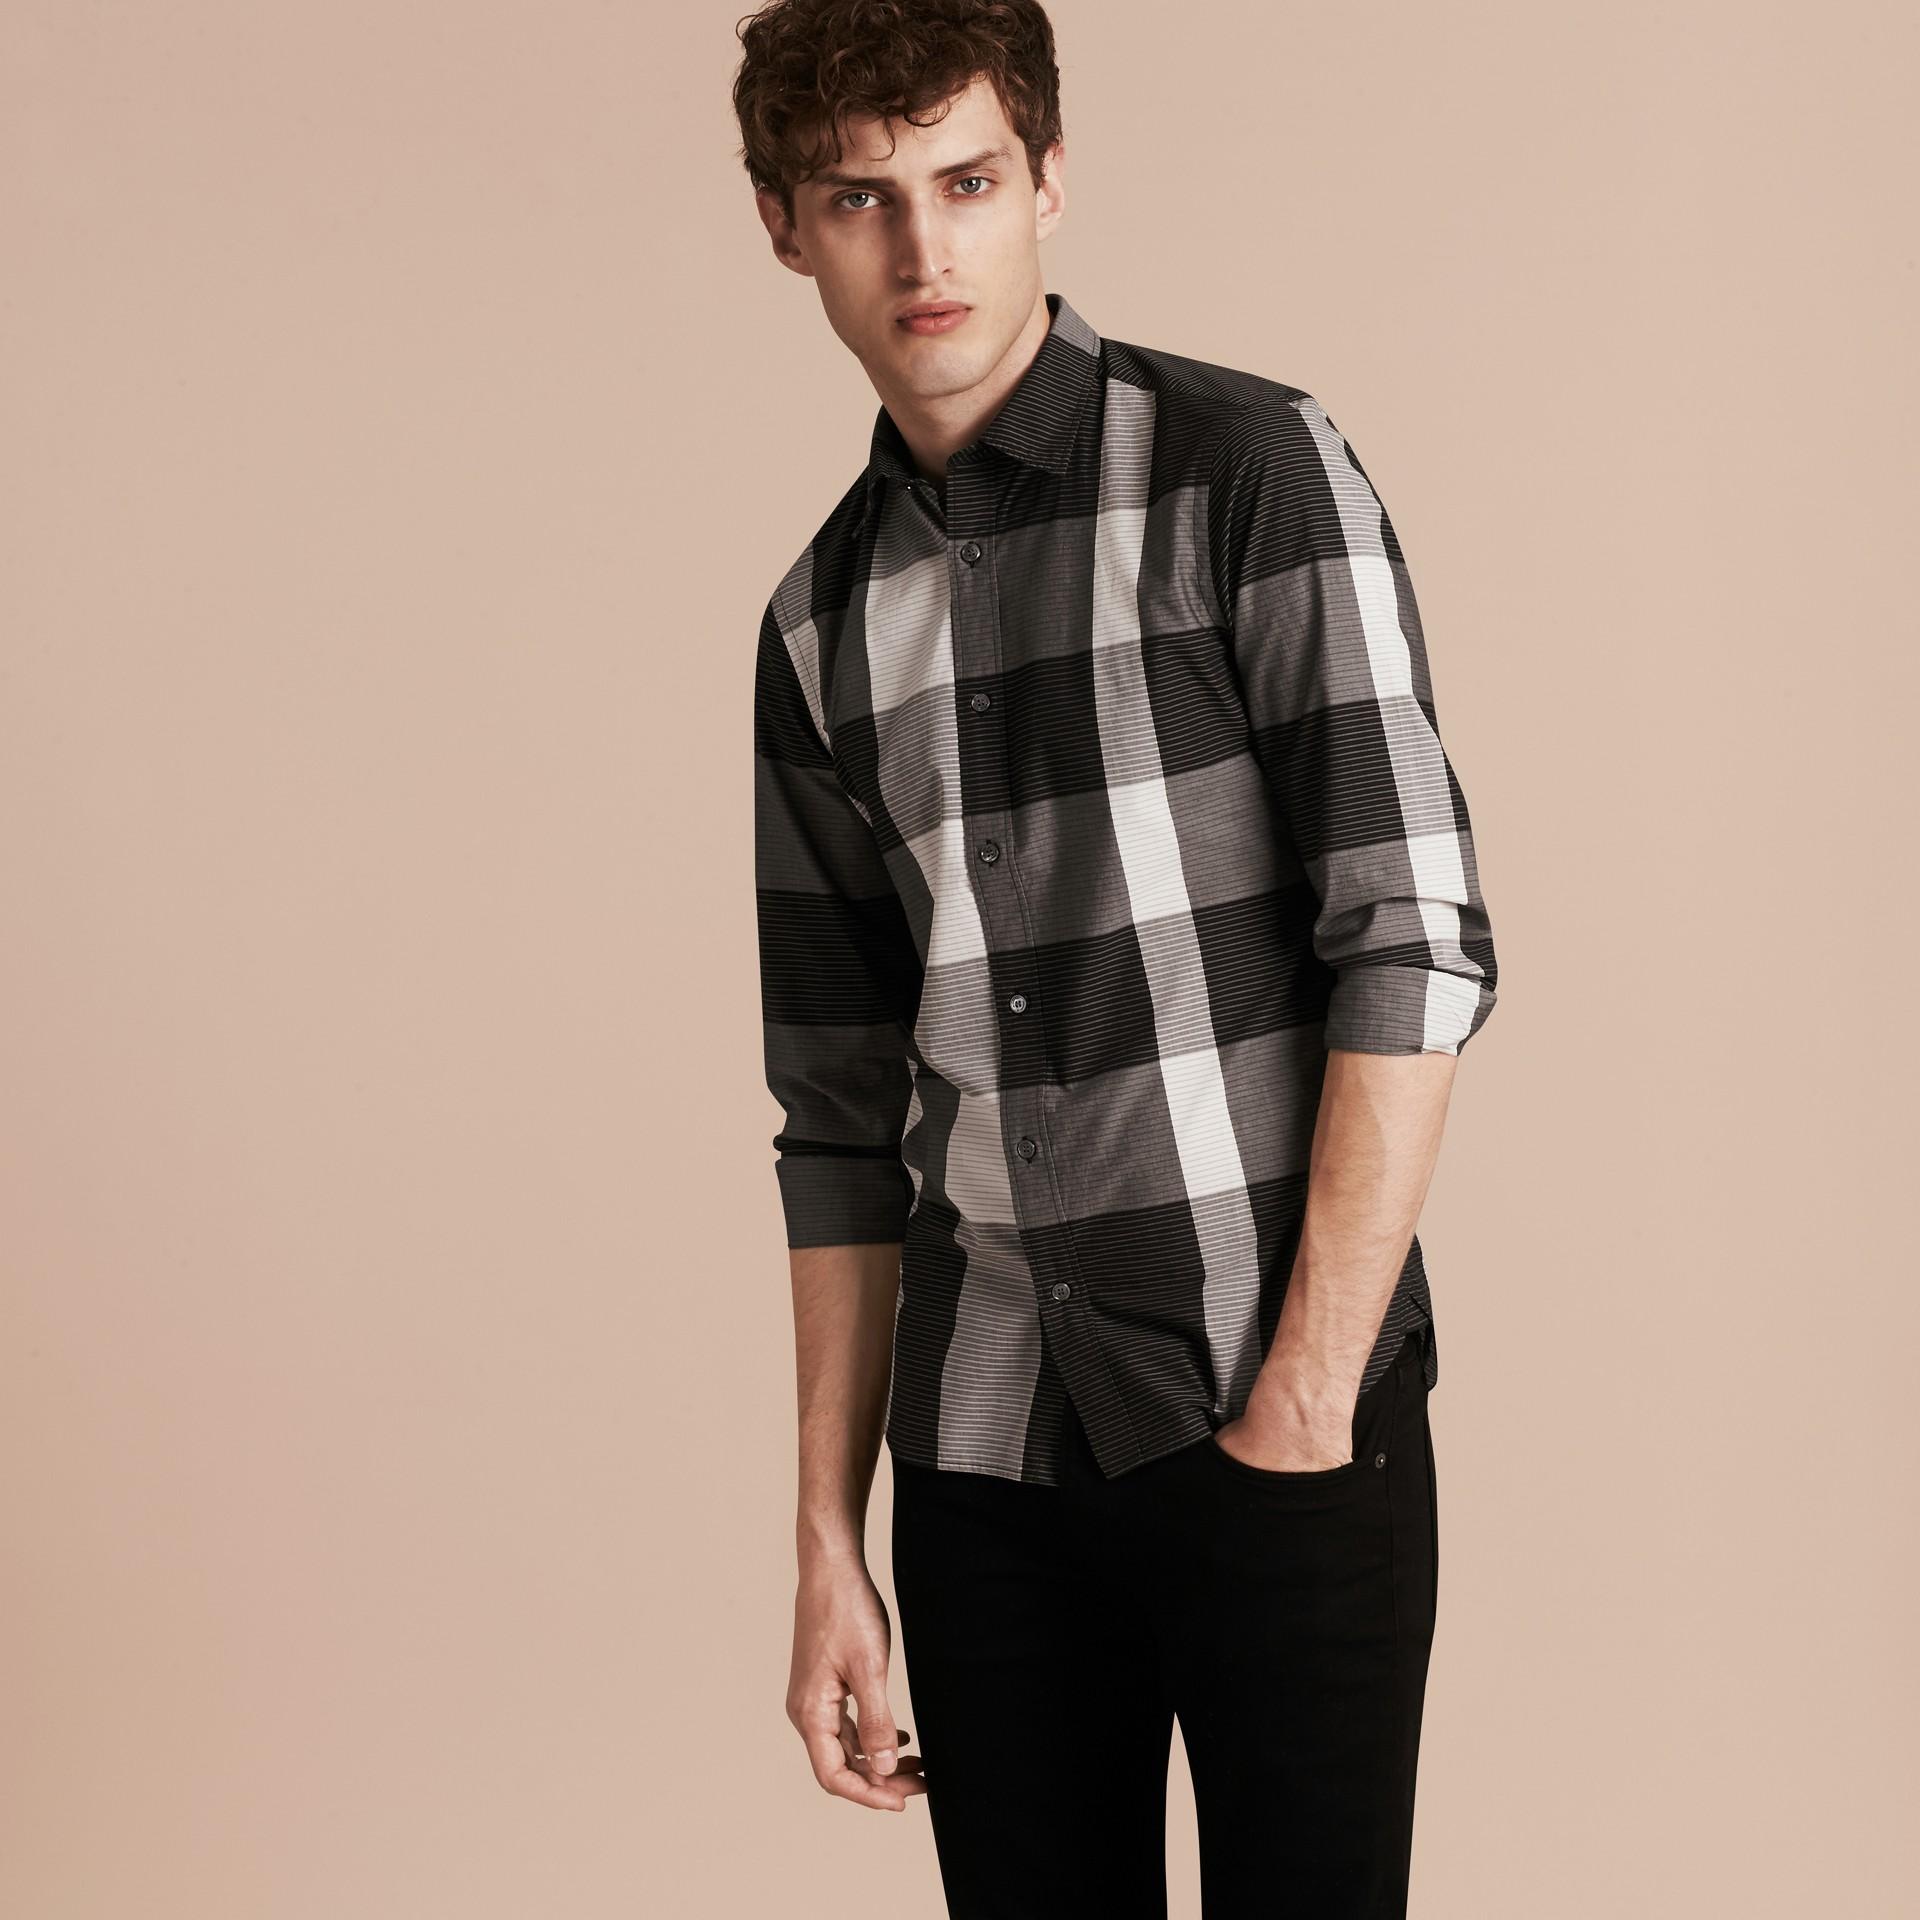 Schwarz Baumwollhemd mit grafischem Check-Muster Schwarz - Galerie-Bild 6